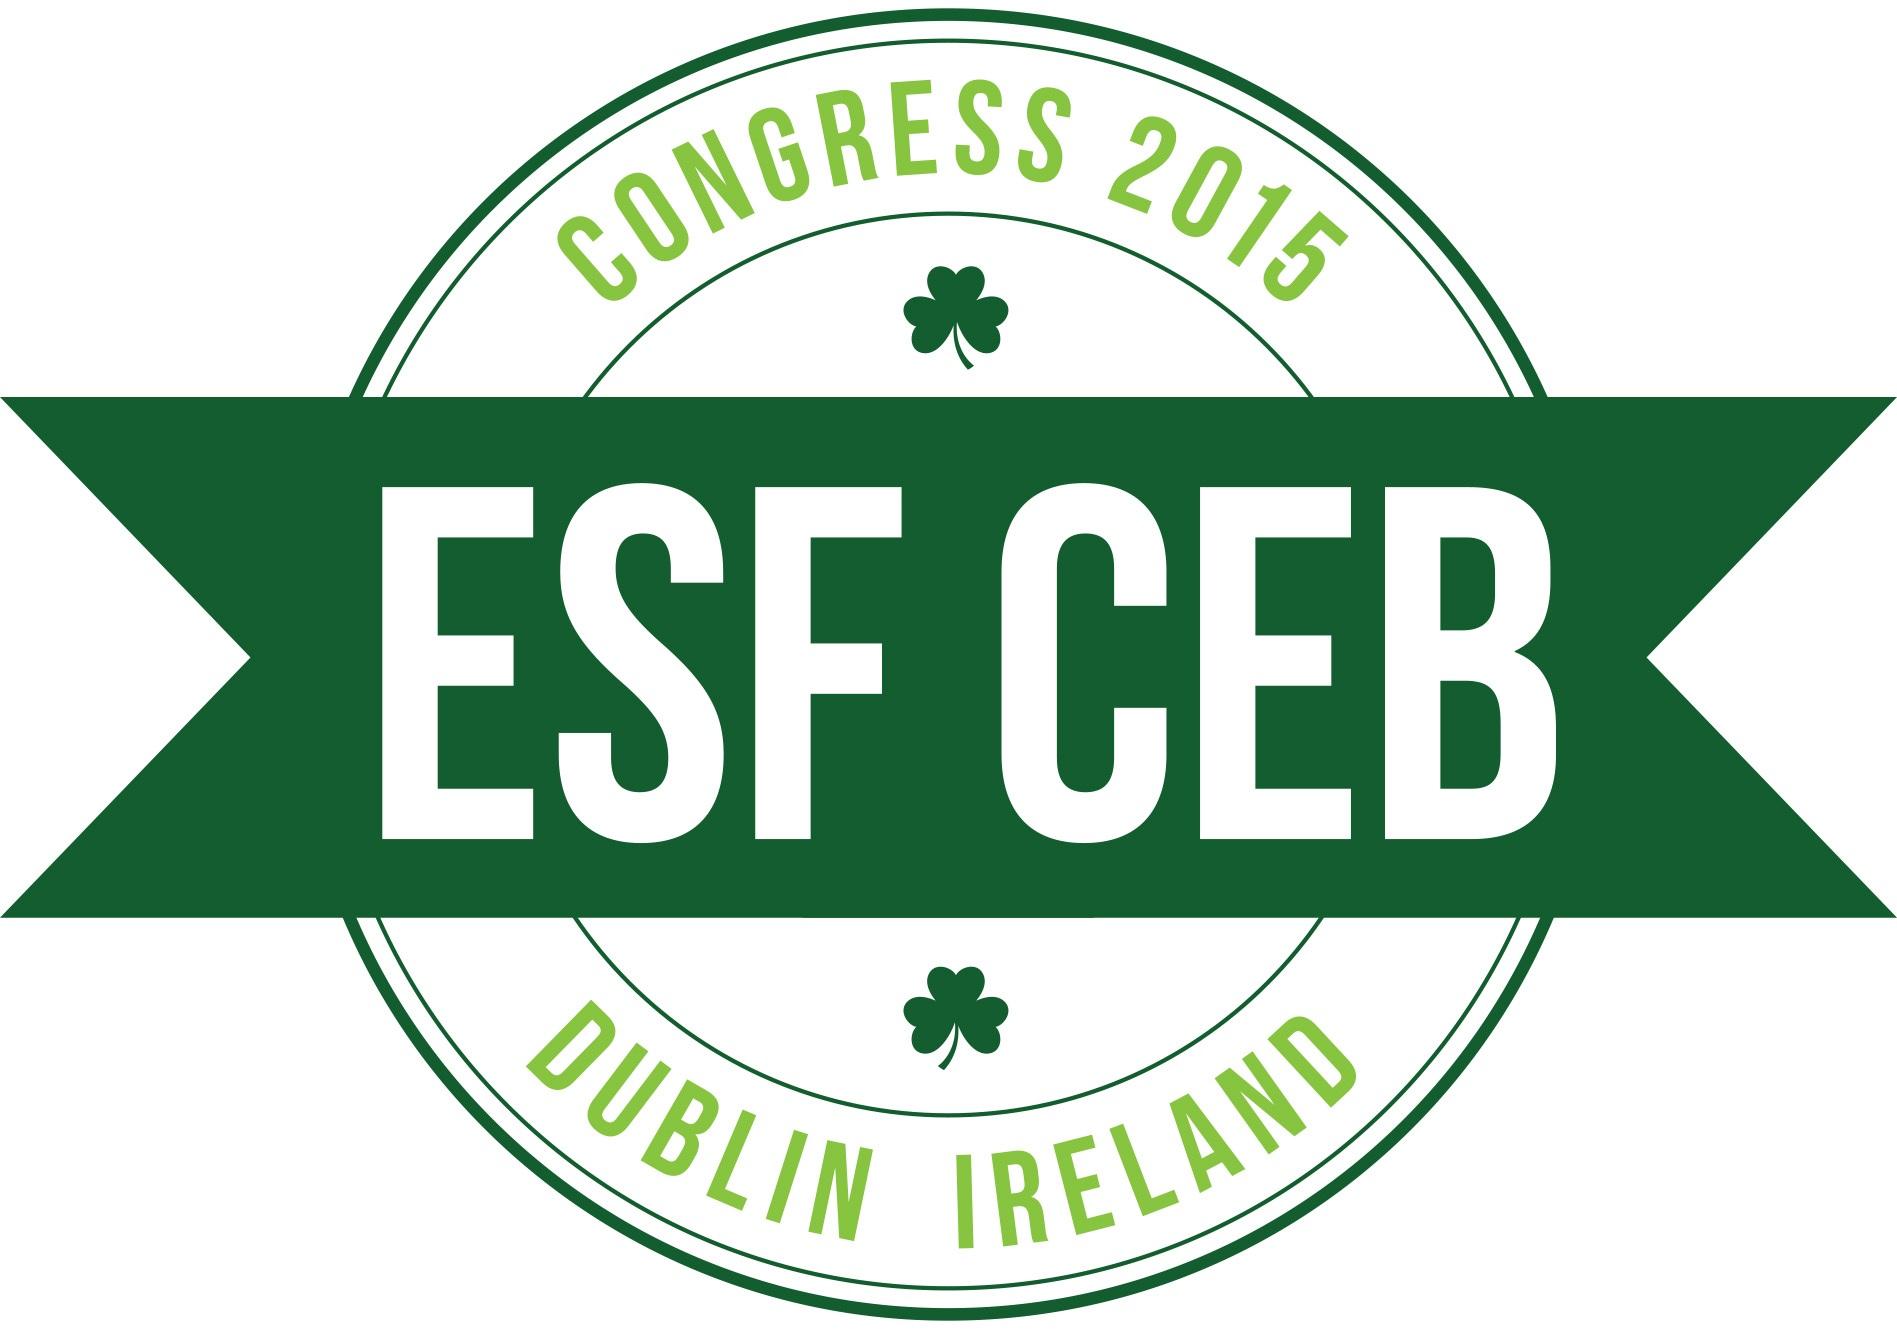 ESF_CEB_CONGRESS_logo